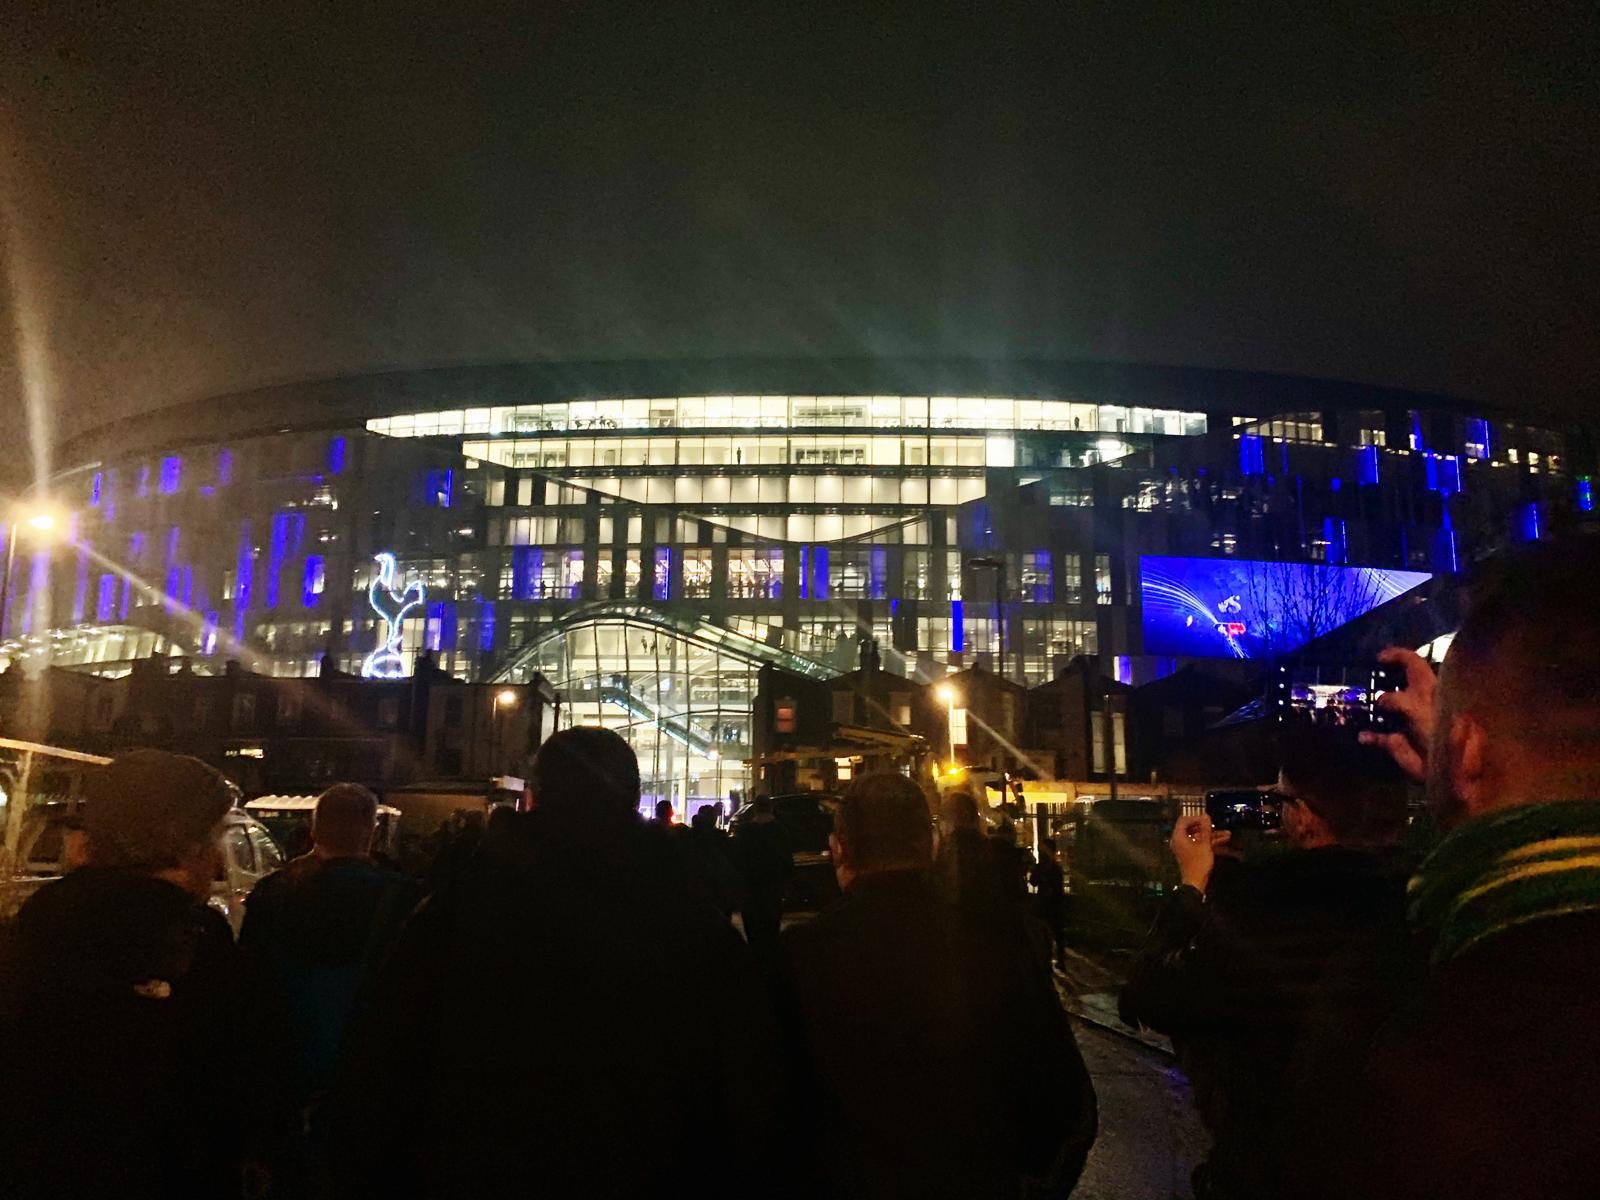 Night view of Tottenham Stadium